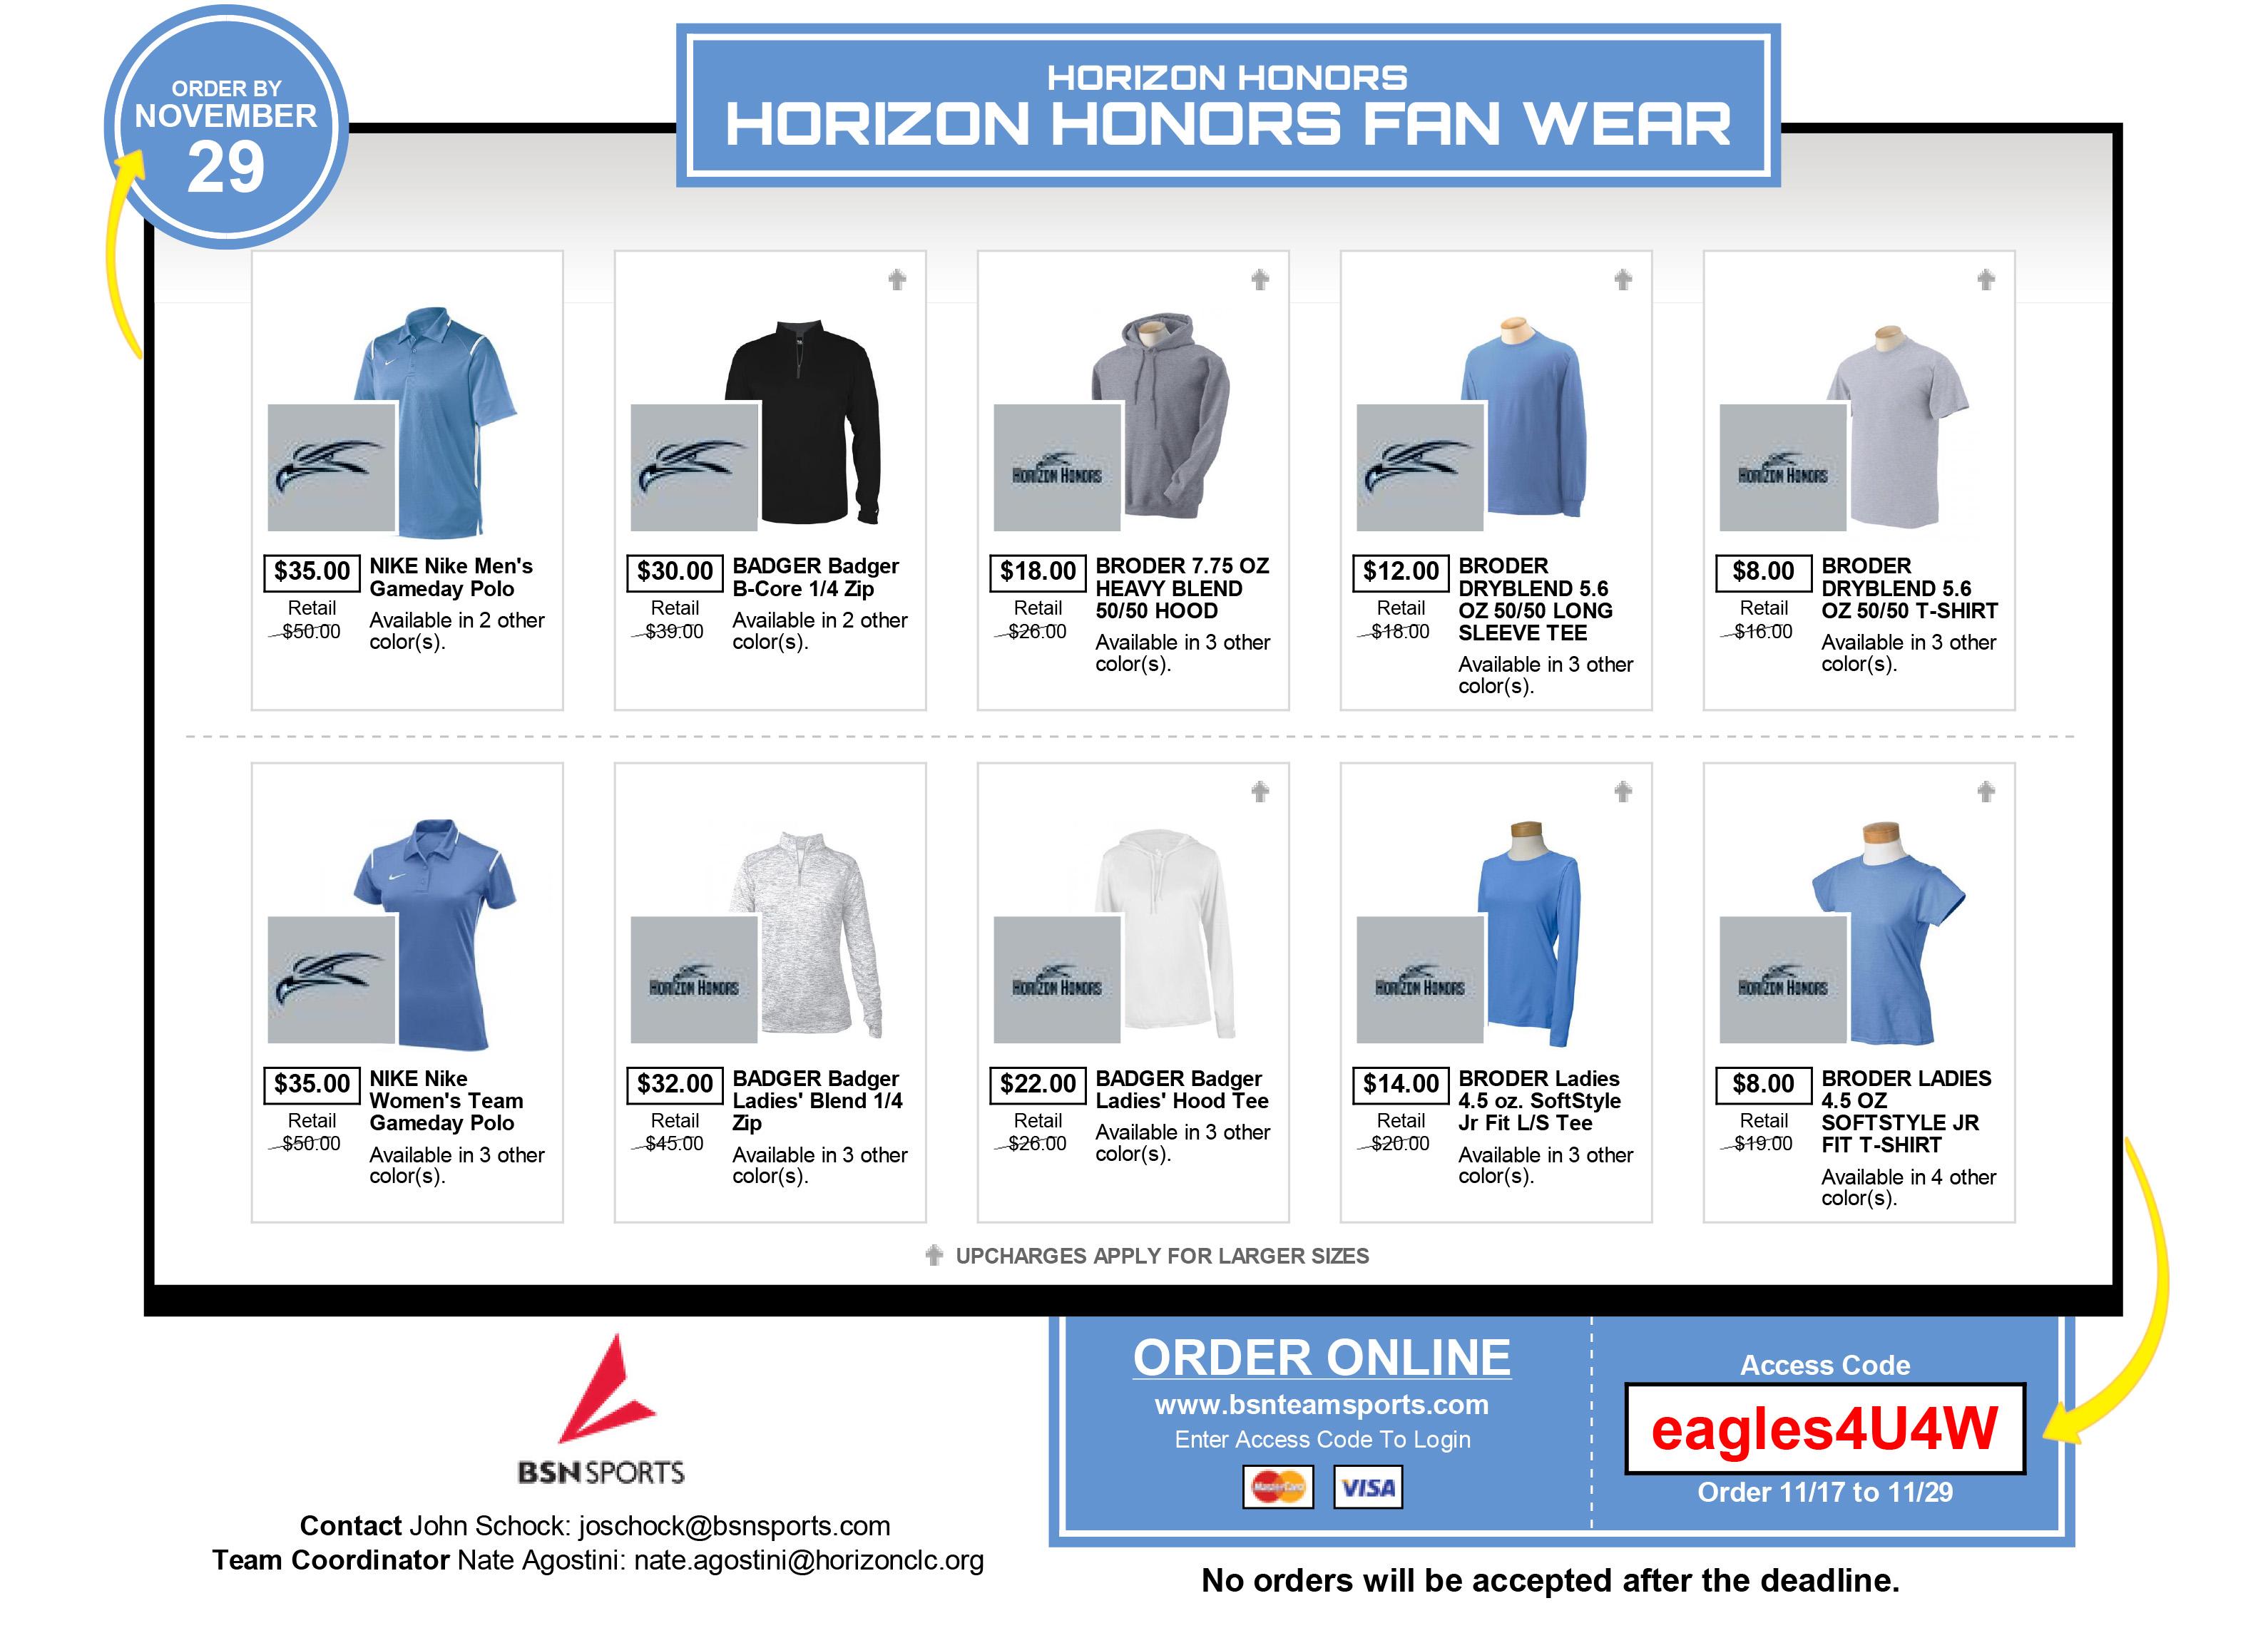 Horizon-Honors-Fan-Wear-HORIZON-HONORS.jpg